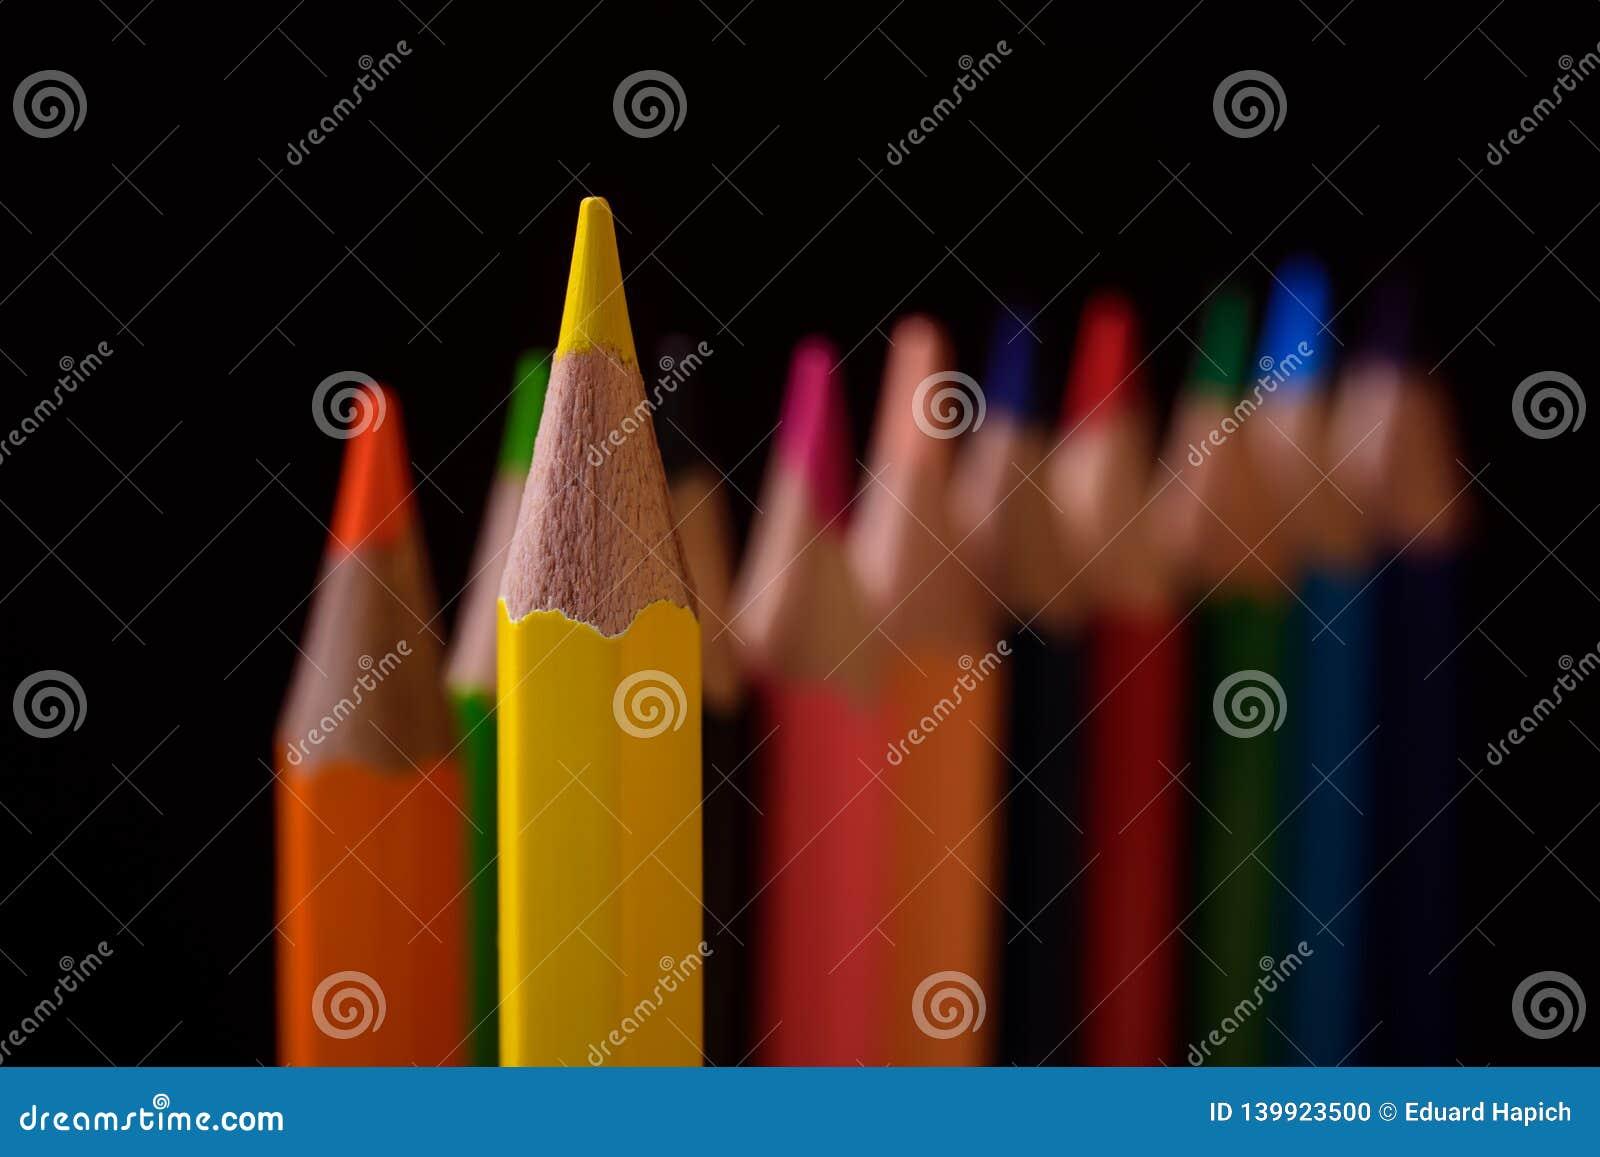 Το κίτρινο μολύβι είναι ο ηγέτης